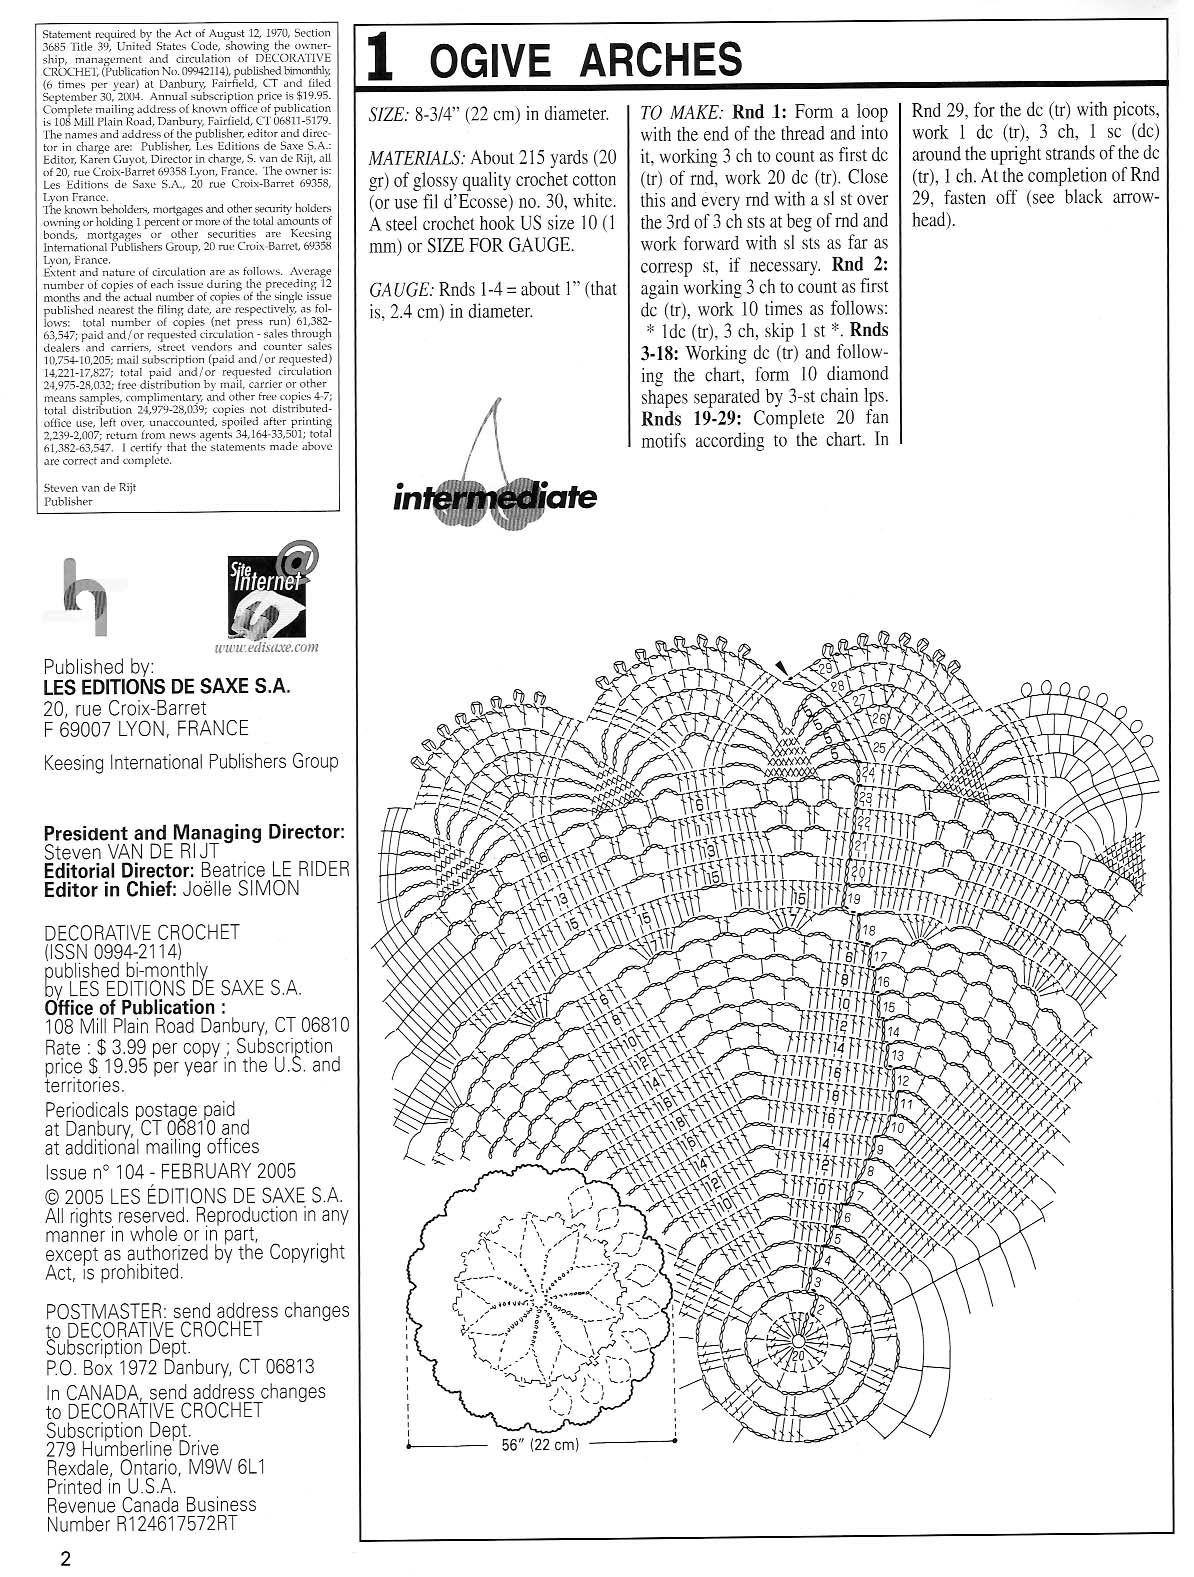 Ogive Arches Crochet Doily Pattern Crochet Kingdom